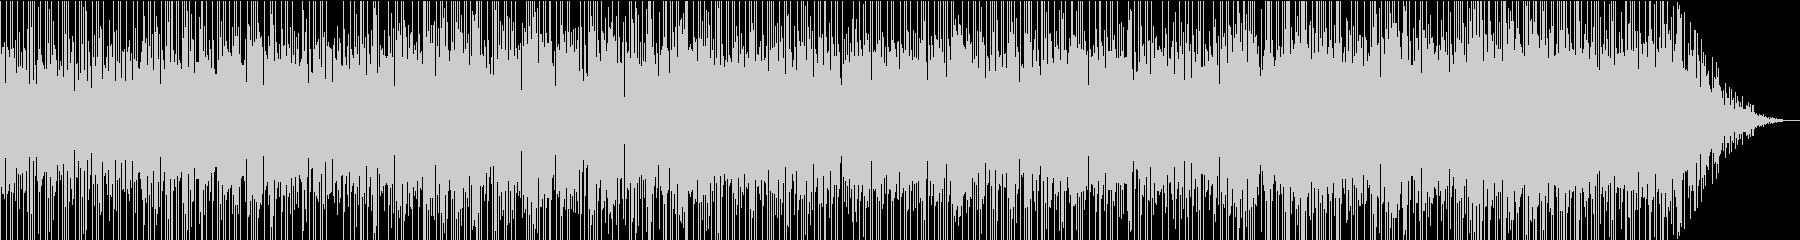 アルトサックスが印象的なドライブBGMの未再生の波形